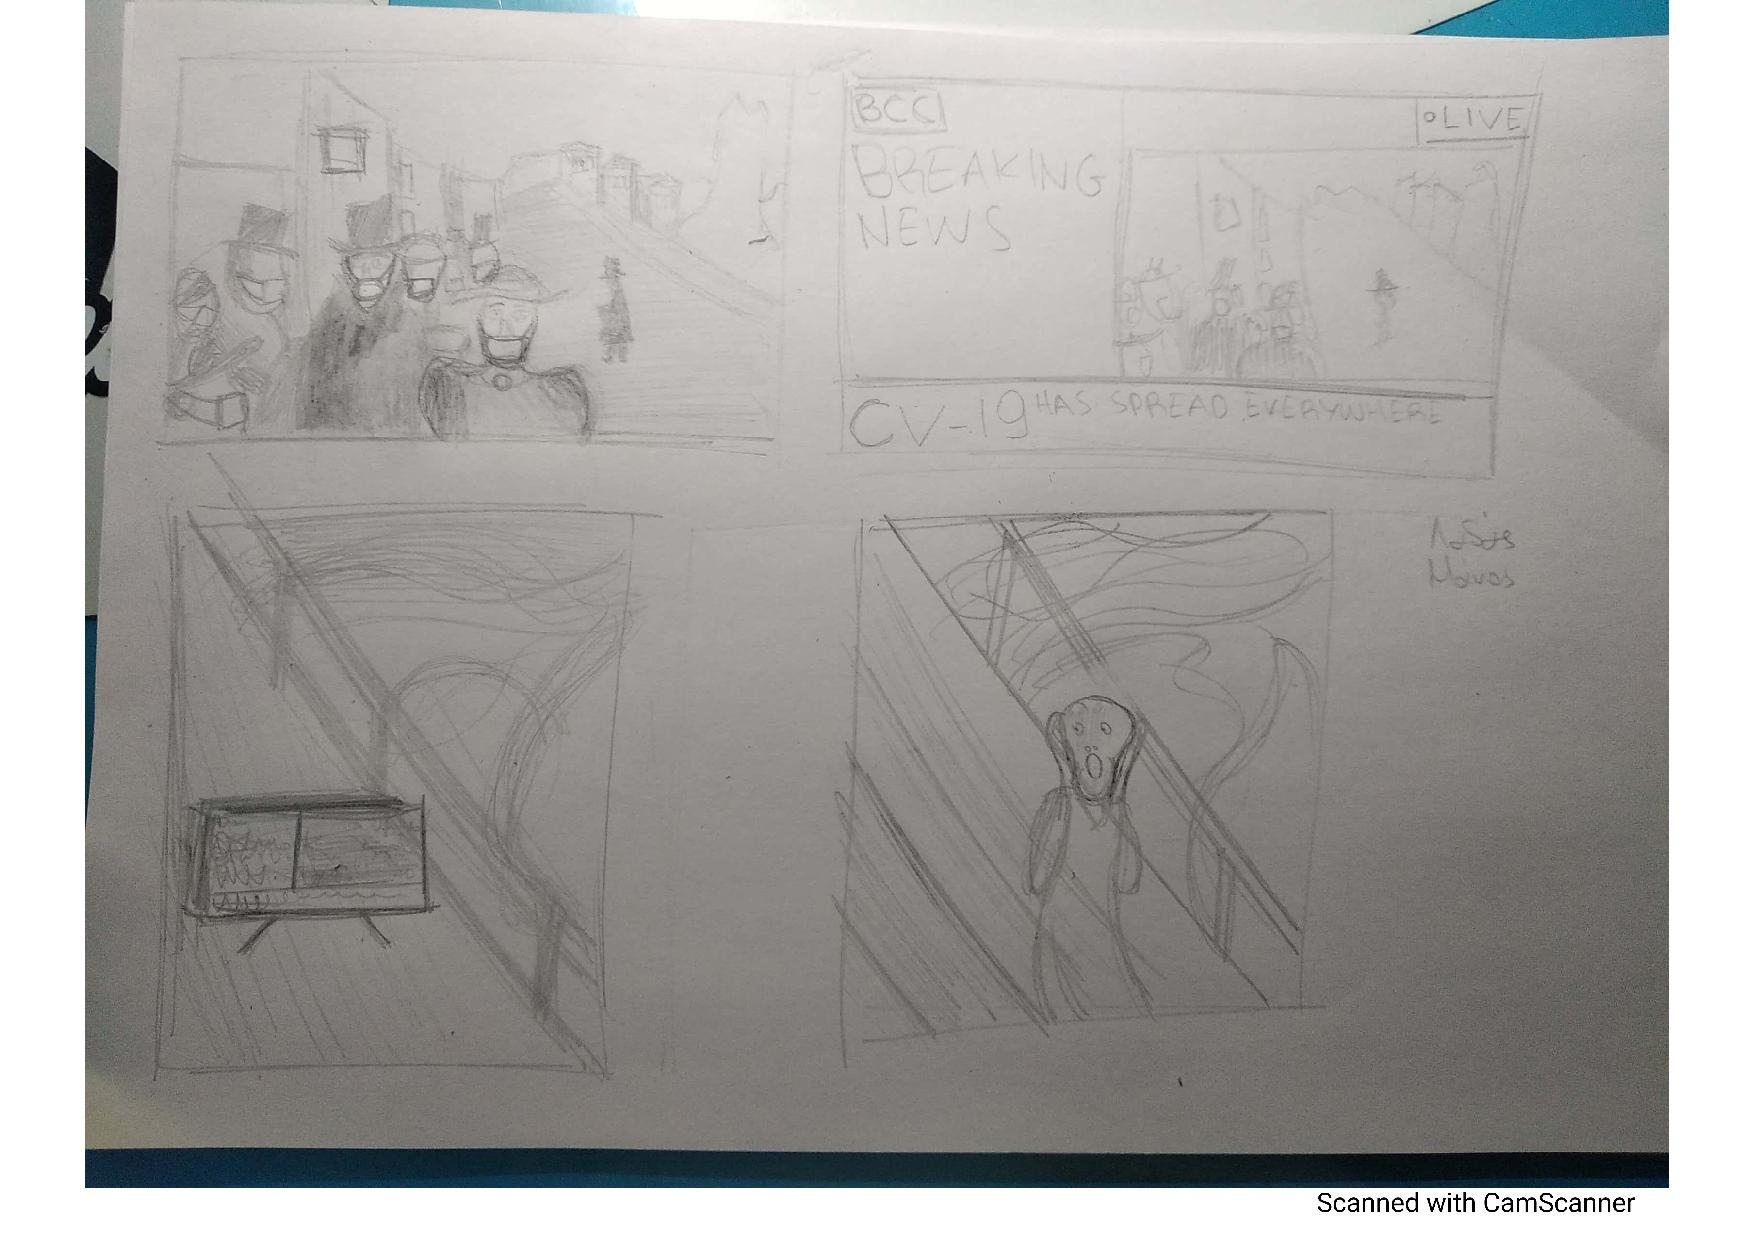 Οι μαθητές της Γ' Γυμνασίου εκφράζονται μέσω της τέχνης κατά τη περίοδο του εγκλεισμού-11